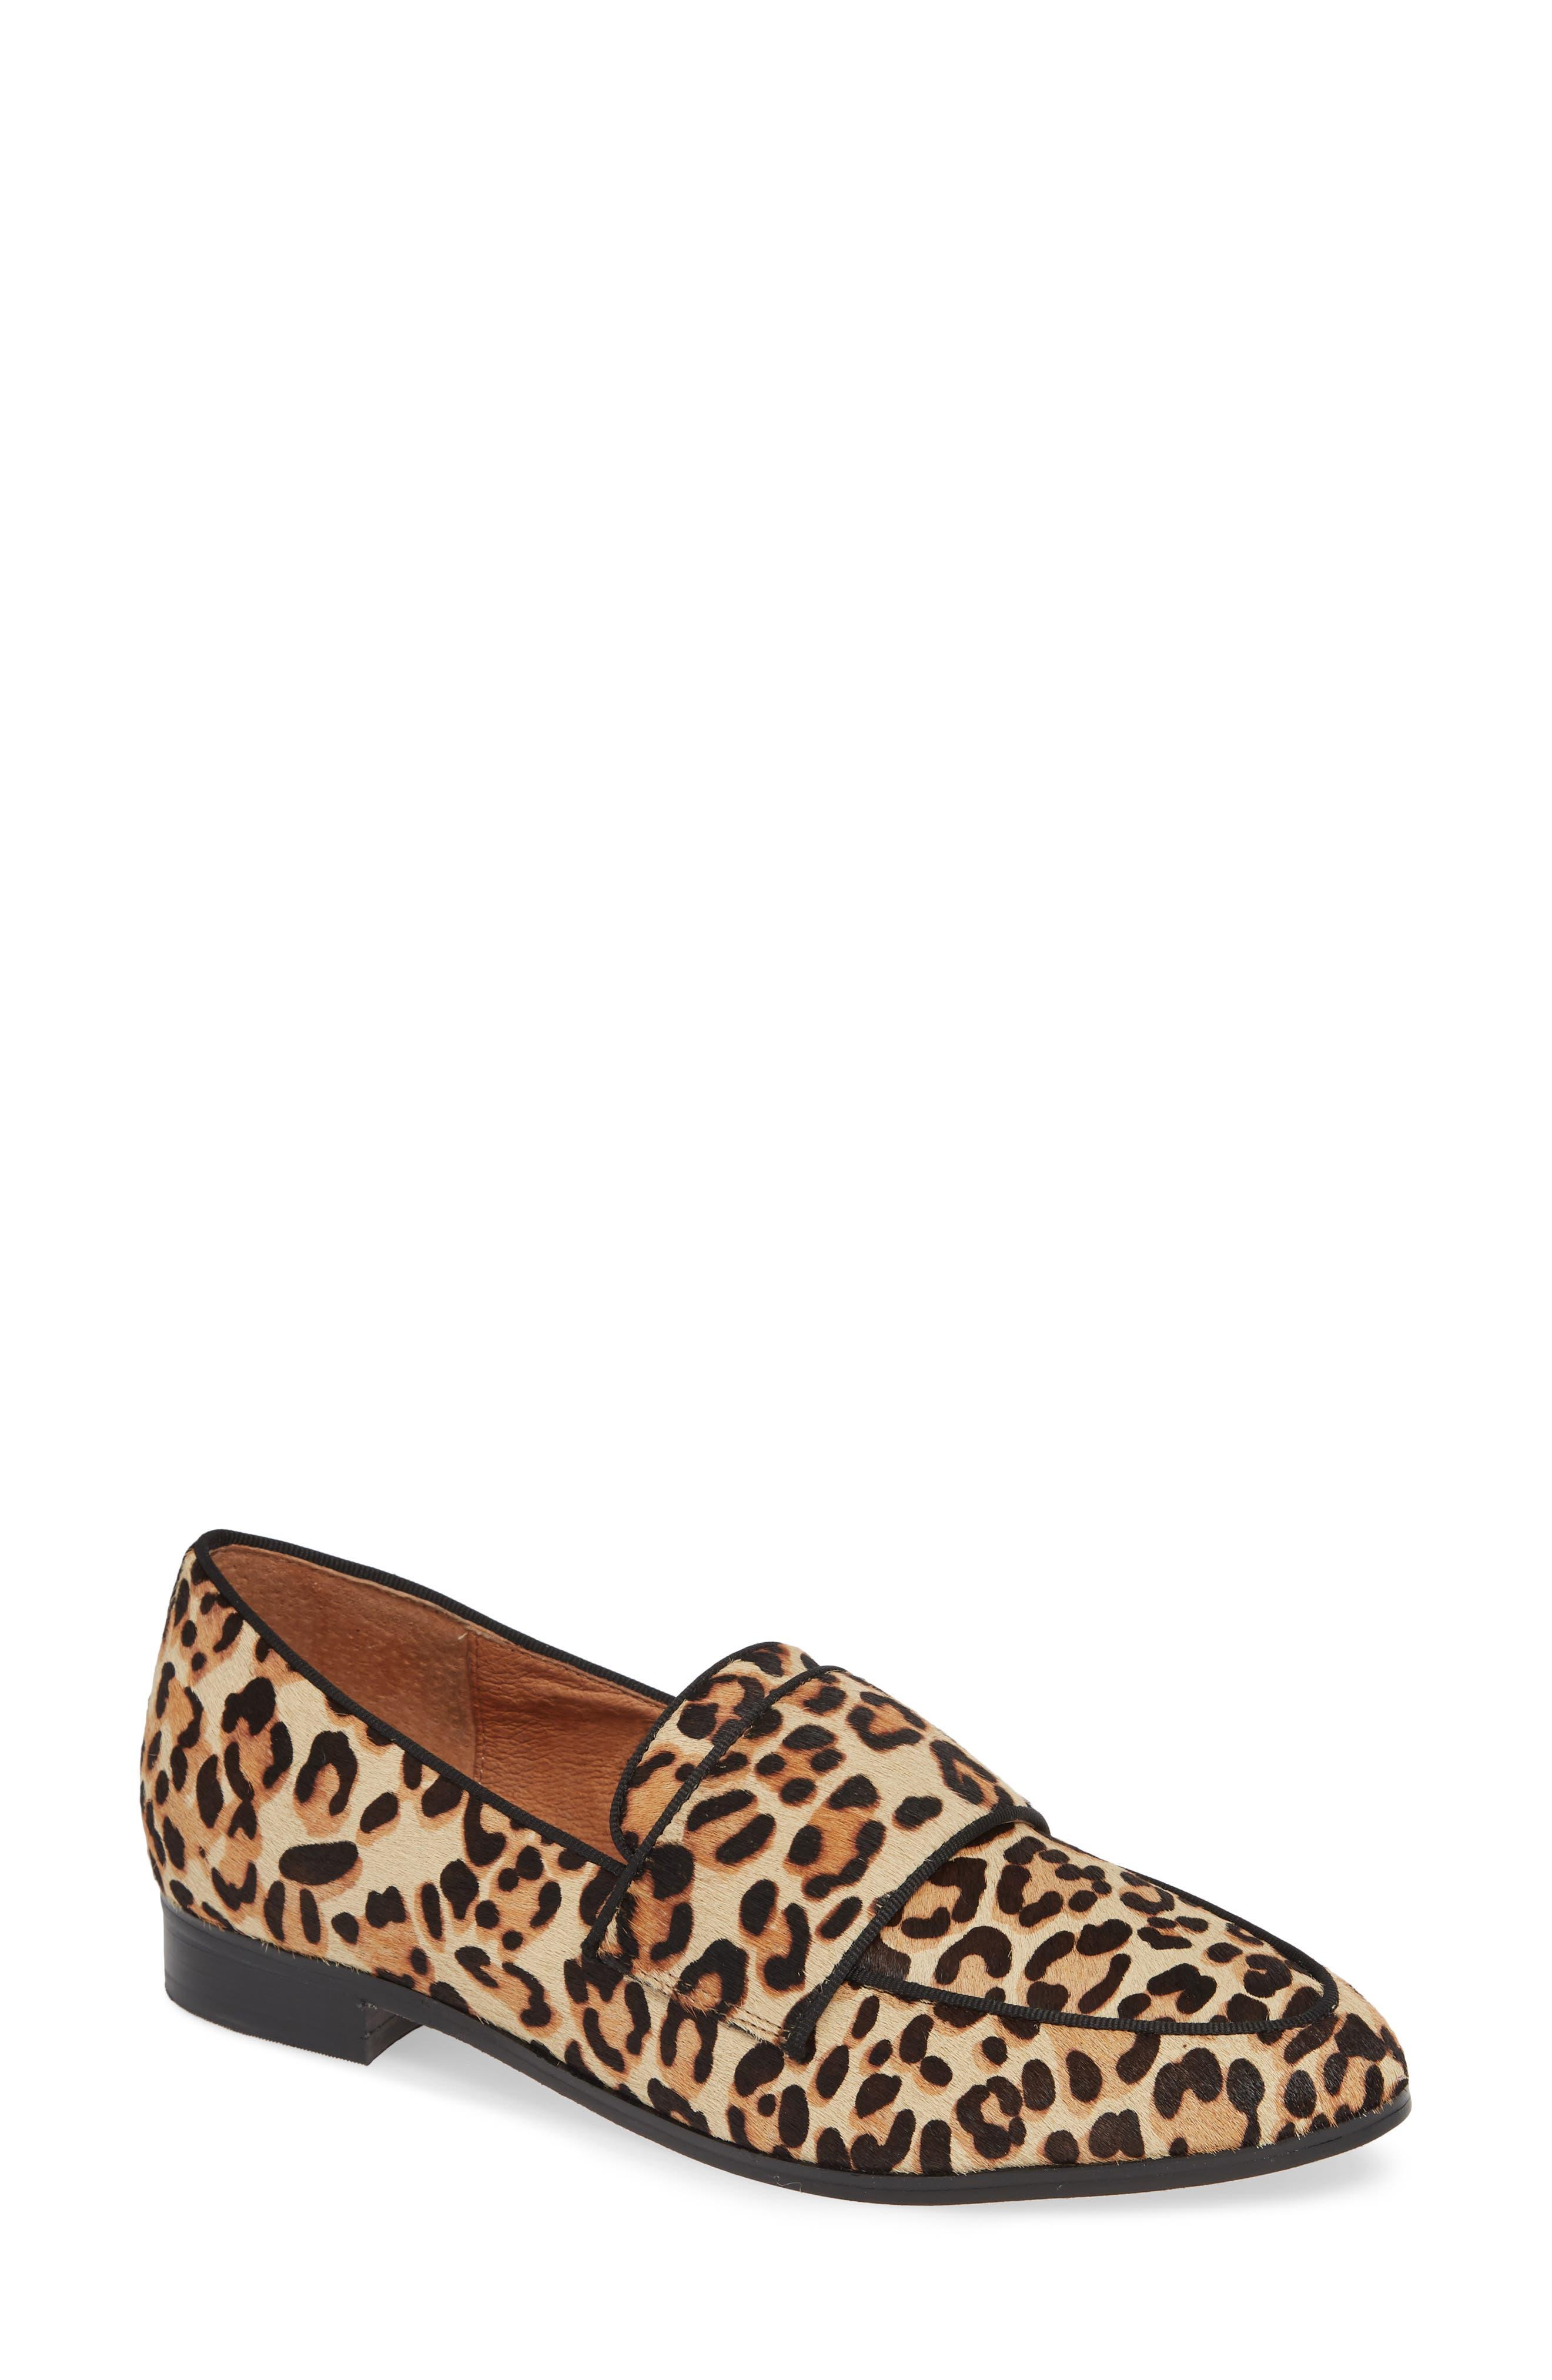 Emilia Genuine Calf Hair Loafer,                         Main,                         color, LEOPARD CALF HAIR